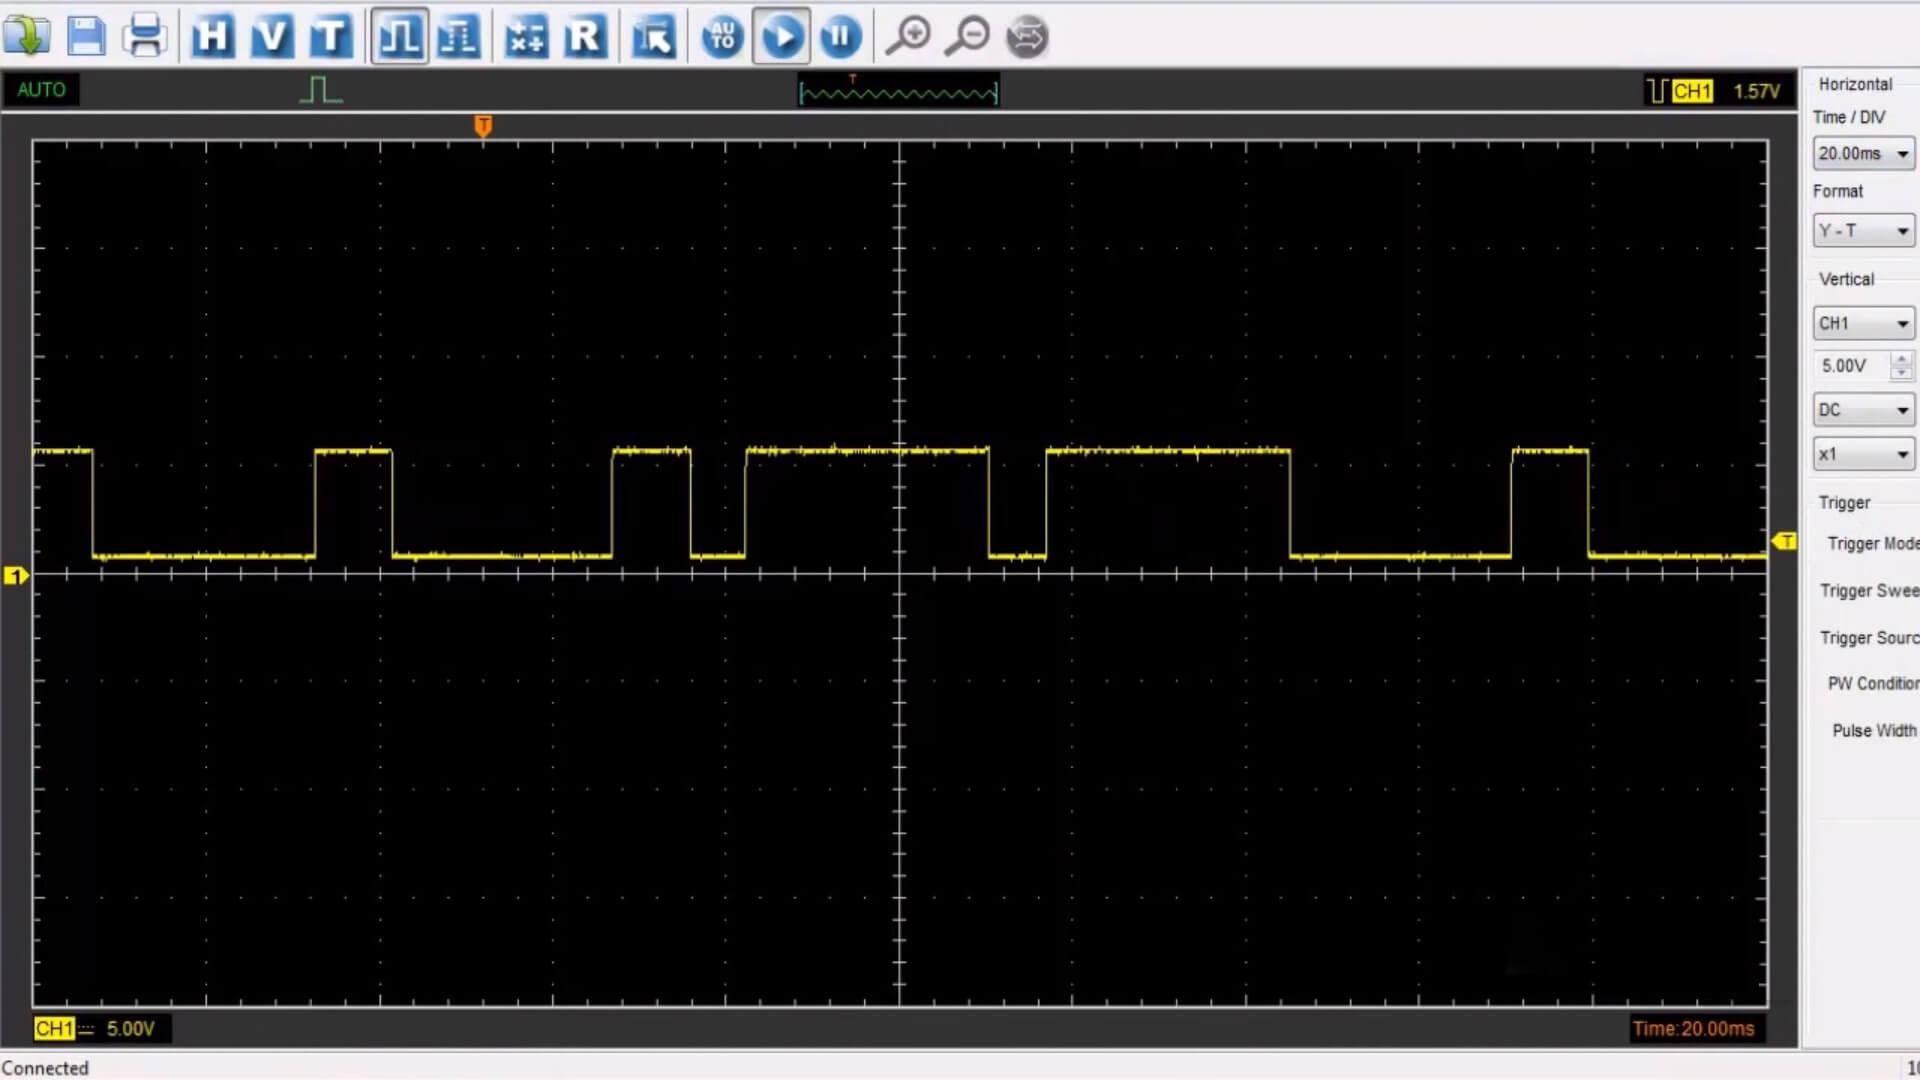 Gráfico do osciloscópio (oscilogramas) do sensor Hall para o veículo Audi A4 2.0 16V Turbo FSI 180cv.